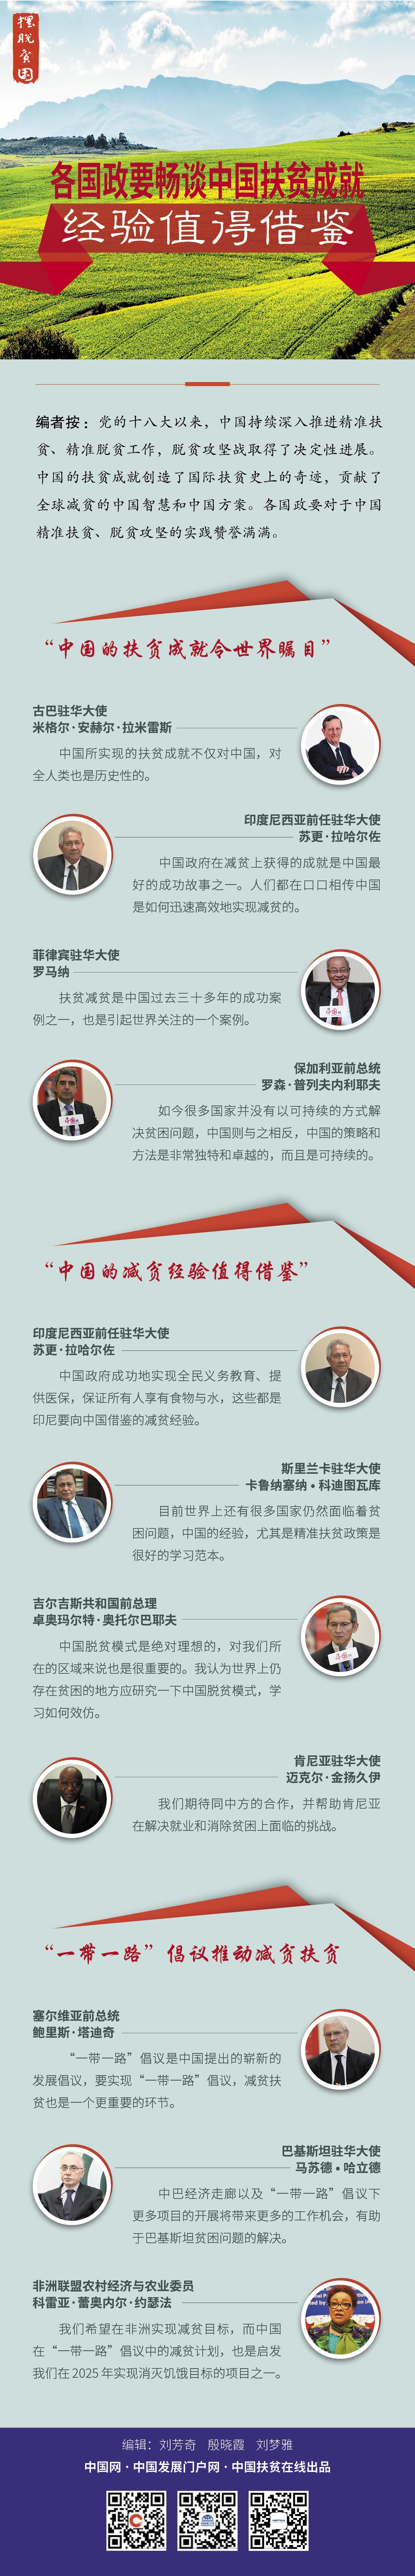 图解:各国政要畅谈中国扶贫成就 经验值得借鉴